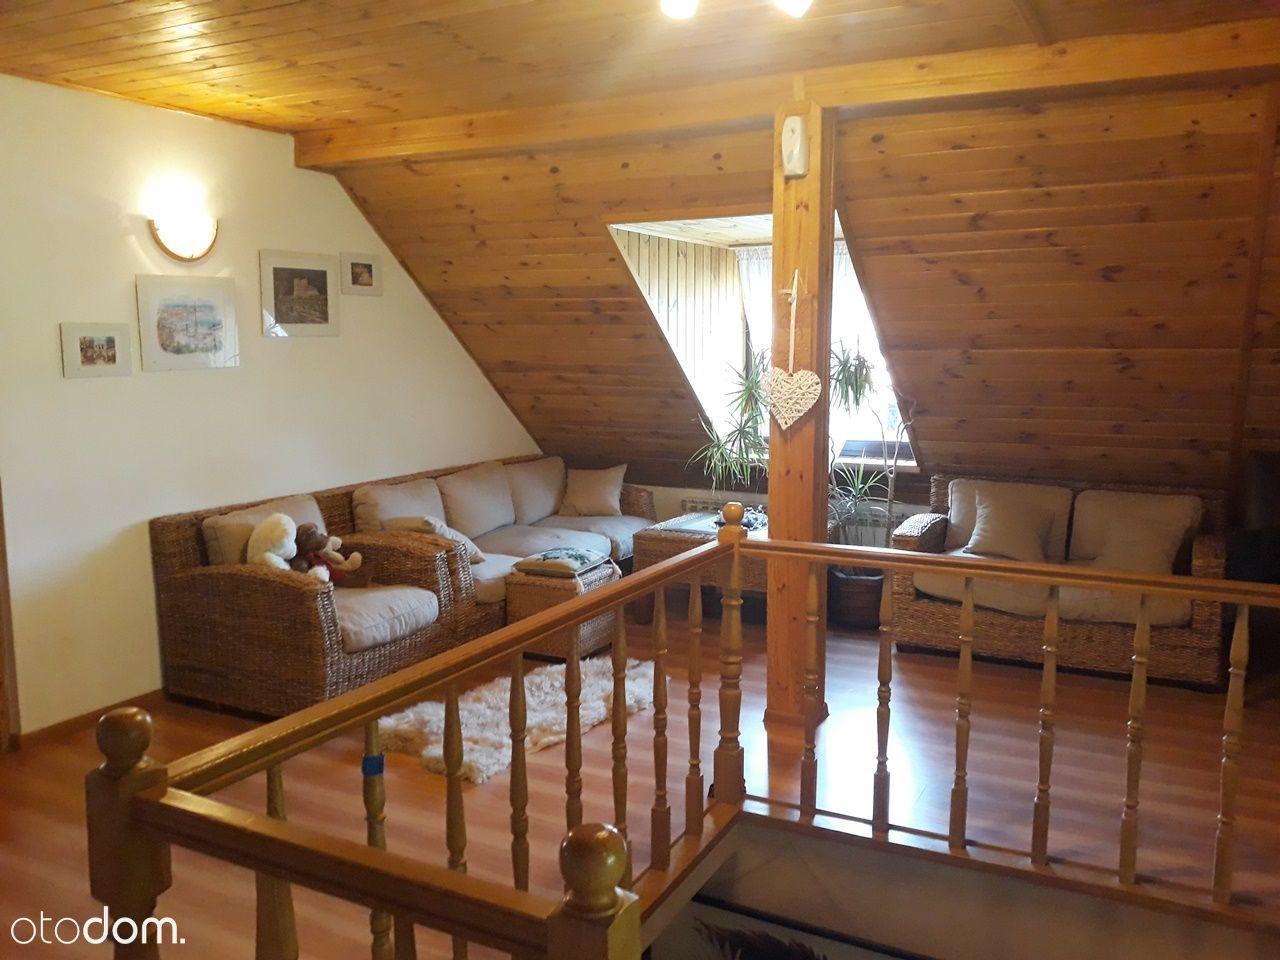 Dom na sprzedaż, Głosków-Letnisko, piaseczyński, mazowieckie - Foto 15